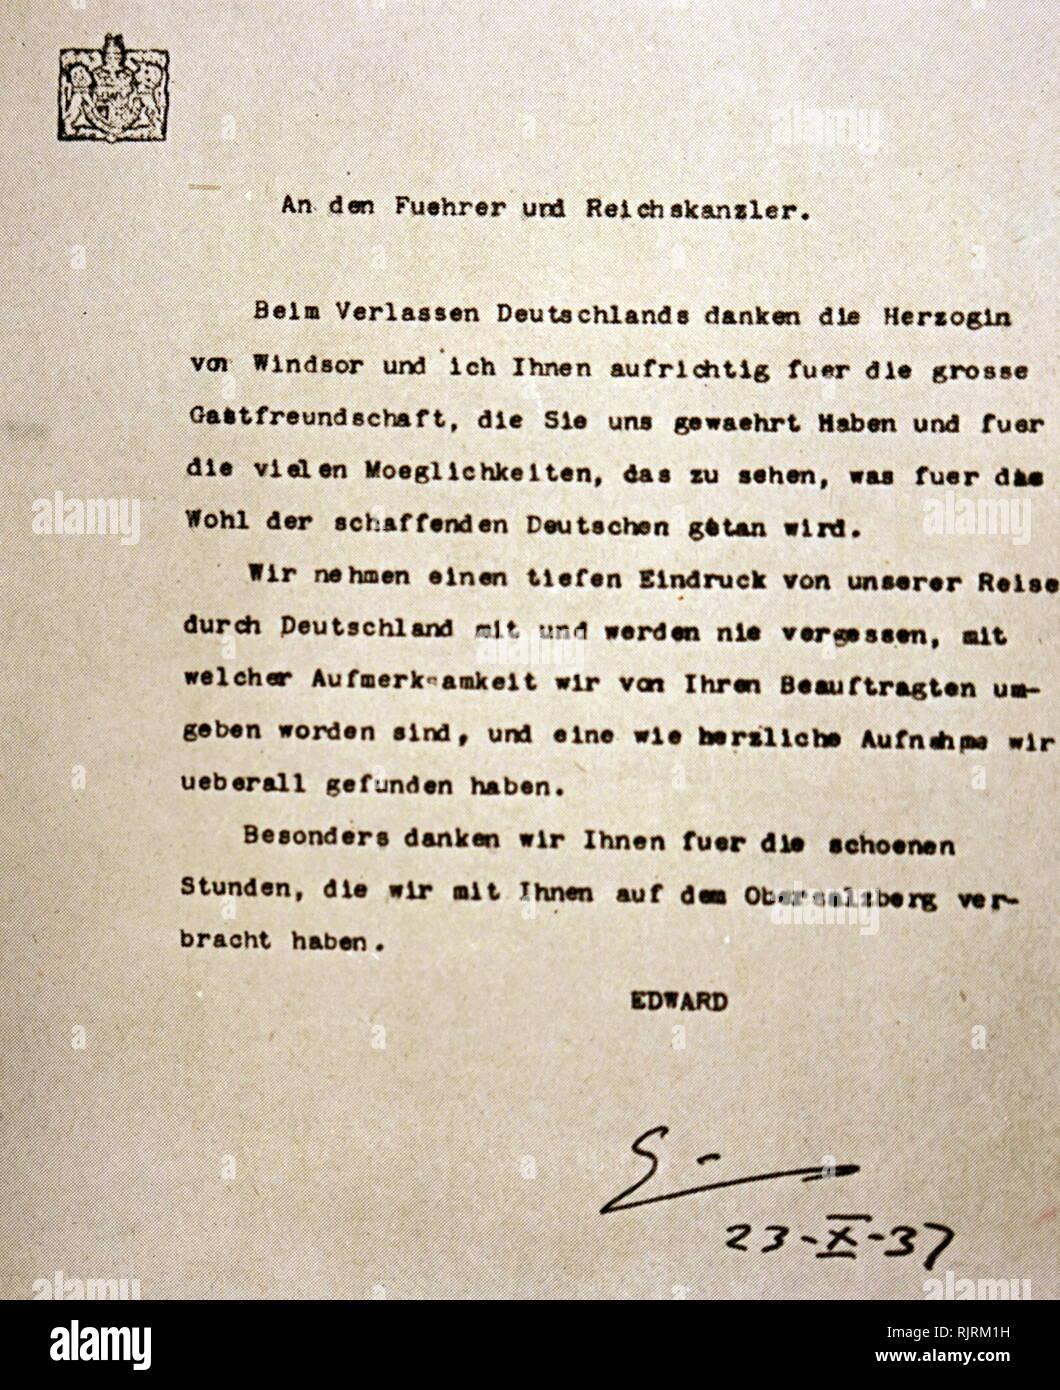 Lettera di apprezzamento da parte del Duca di Windsor, per l'ospitalità dimostrata da Adolf Hitler. Il Duca e la Duchessa di Windsor incontrare Hitler nel mese di ottobre del 1937. Il Duca di Windsor era stato re Edward VIII della Gran Bretagna fino alla sua abdicazione l'anno precedente Immagini Stock